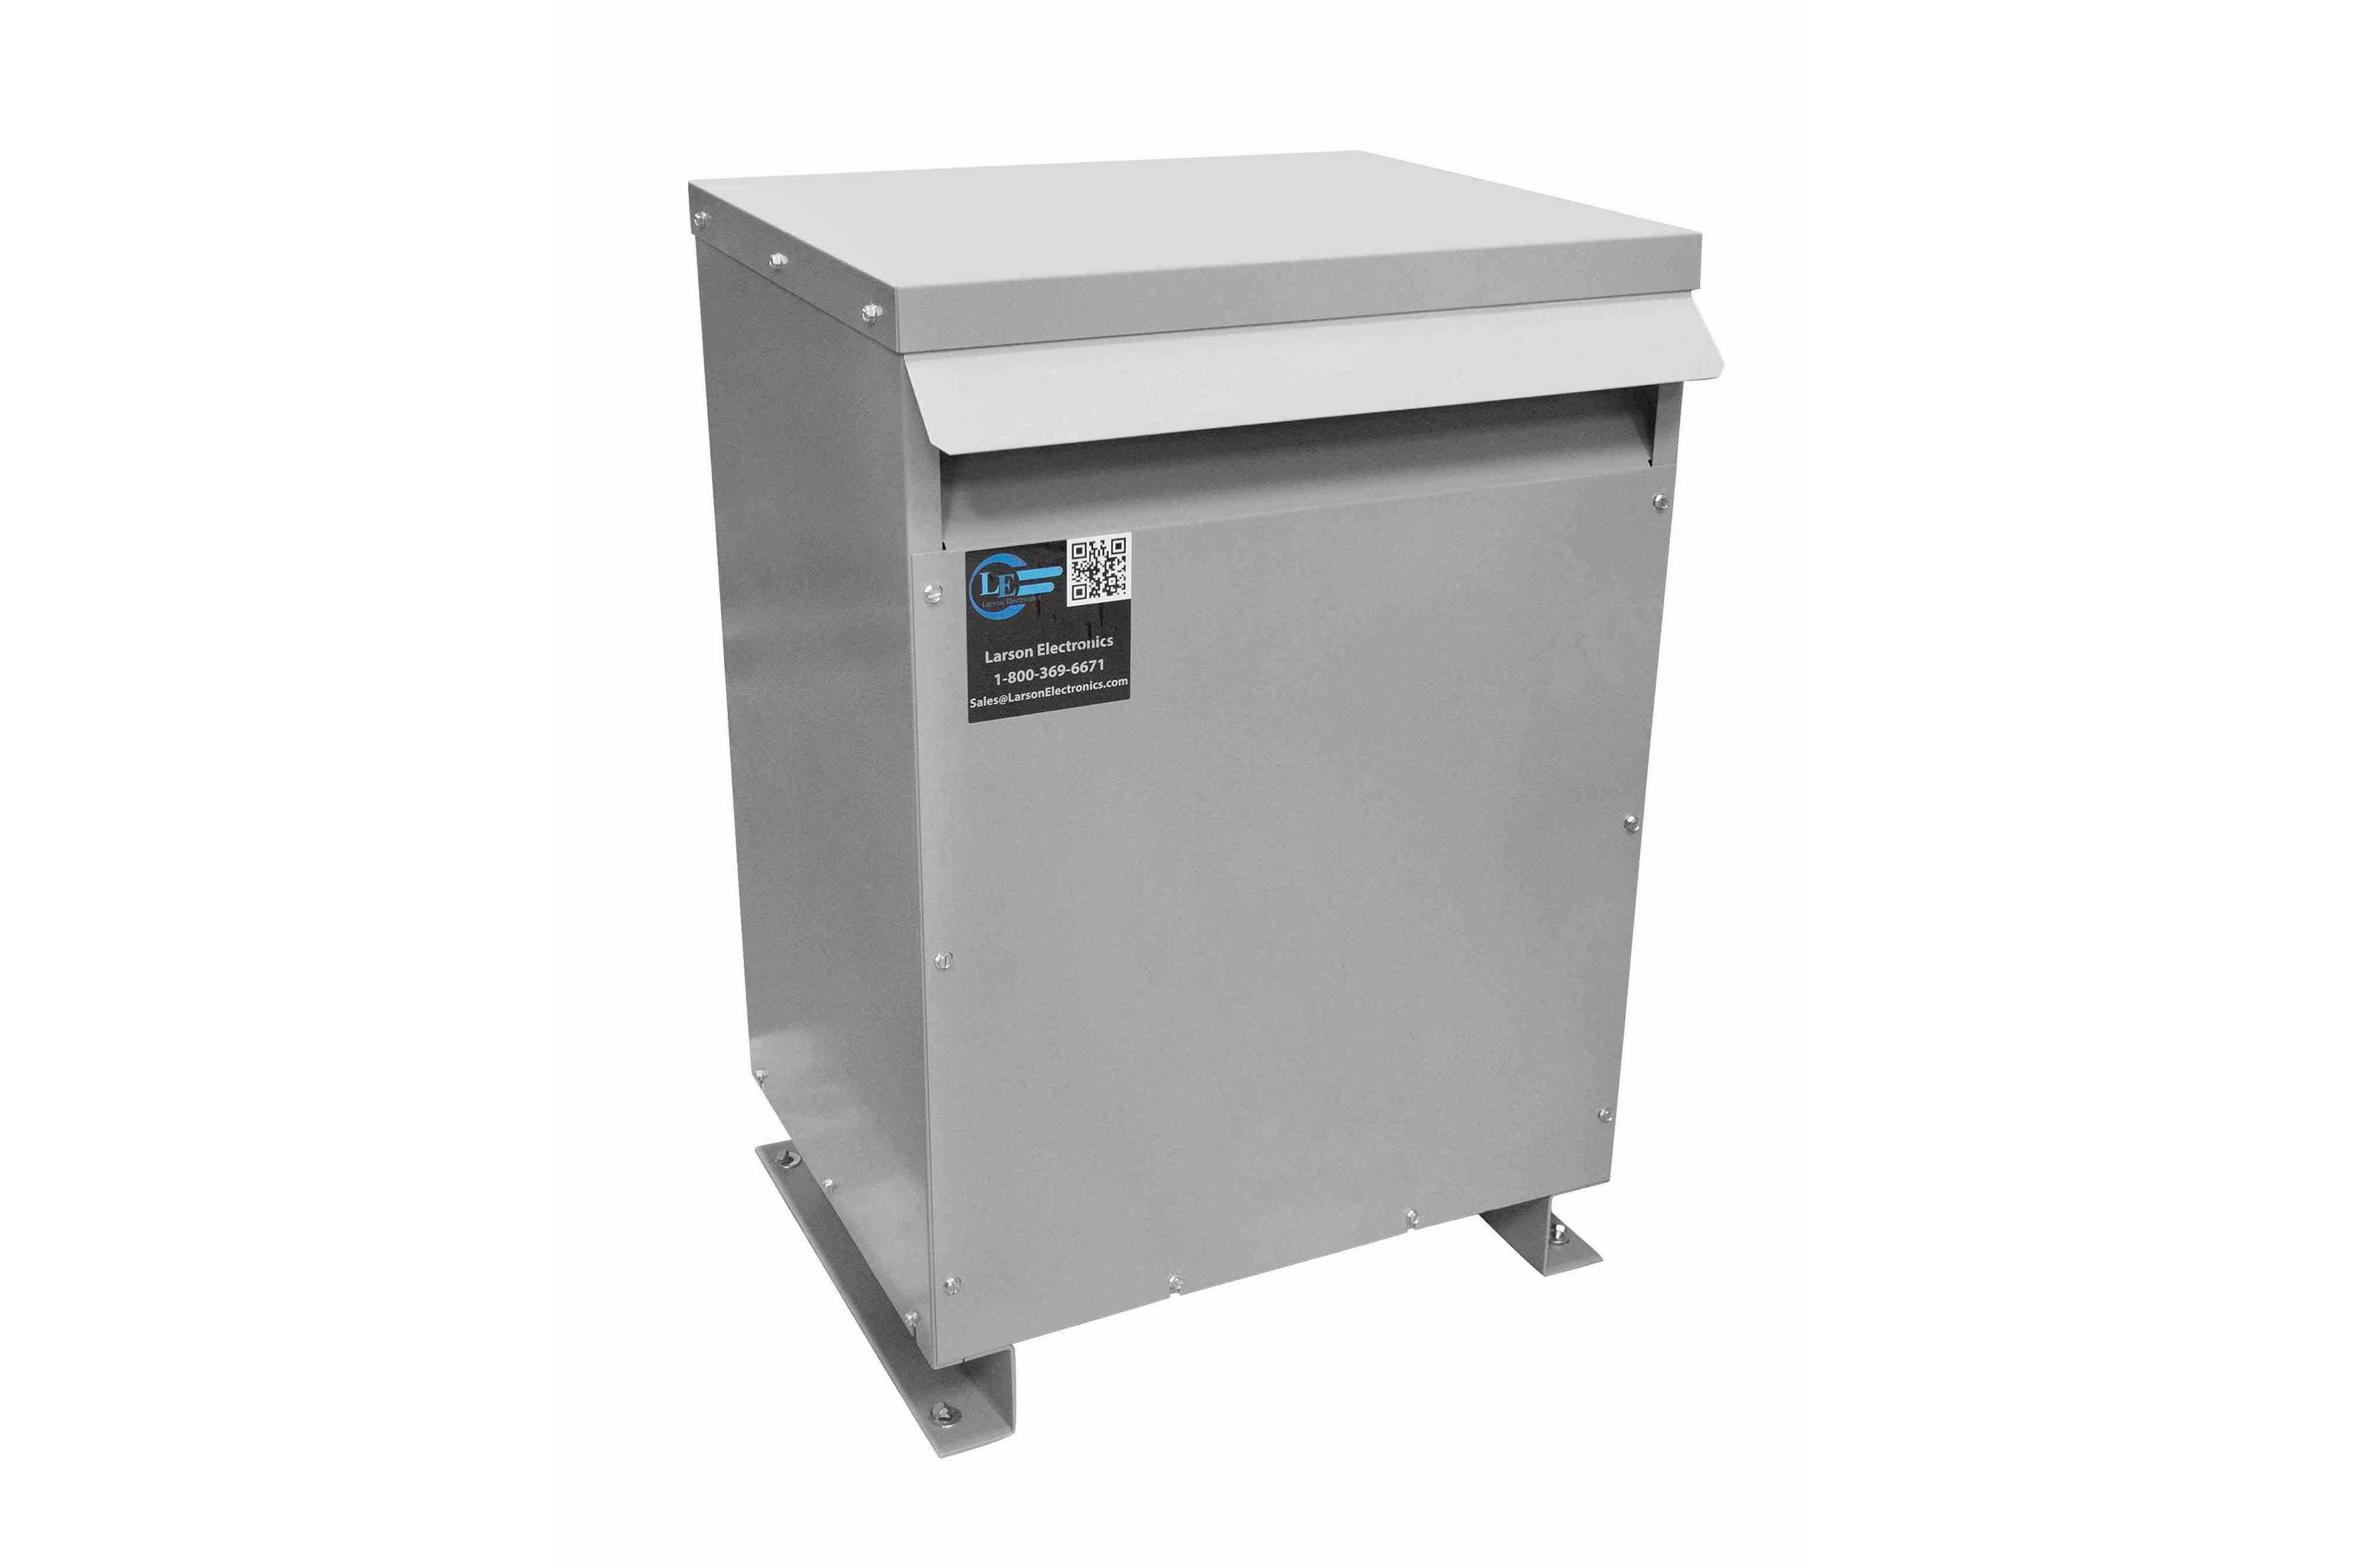 80 kVA 3PH Isolation Transformer, 208V Delta Primary, 240 Delta Secondary, N3R, Ventilated, 60 Hz